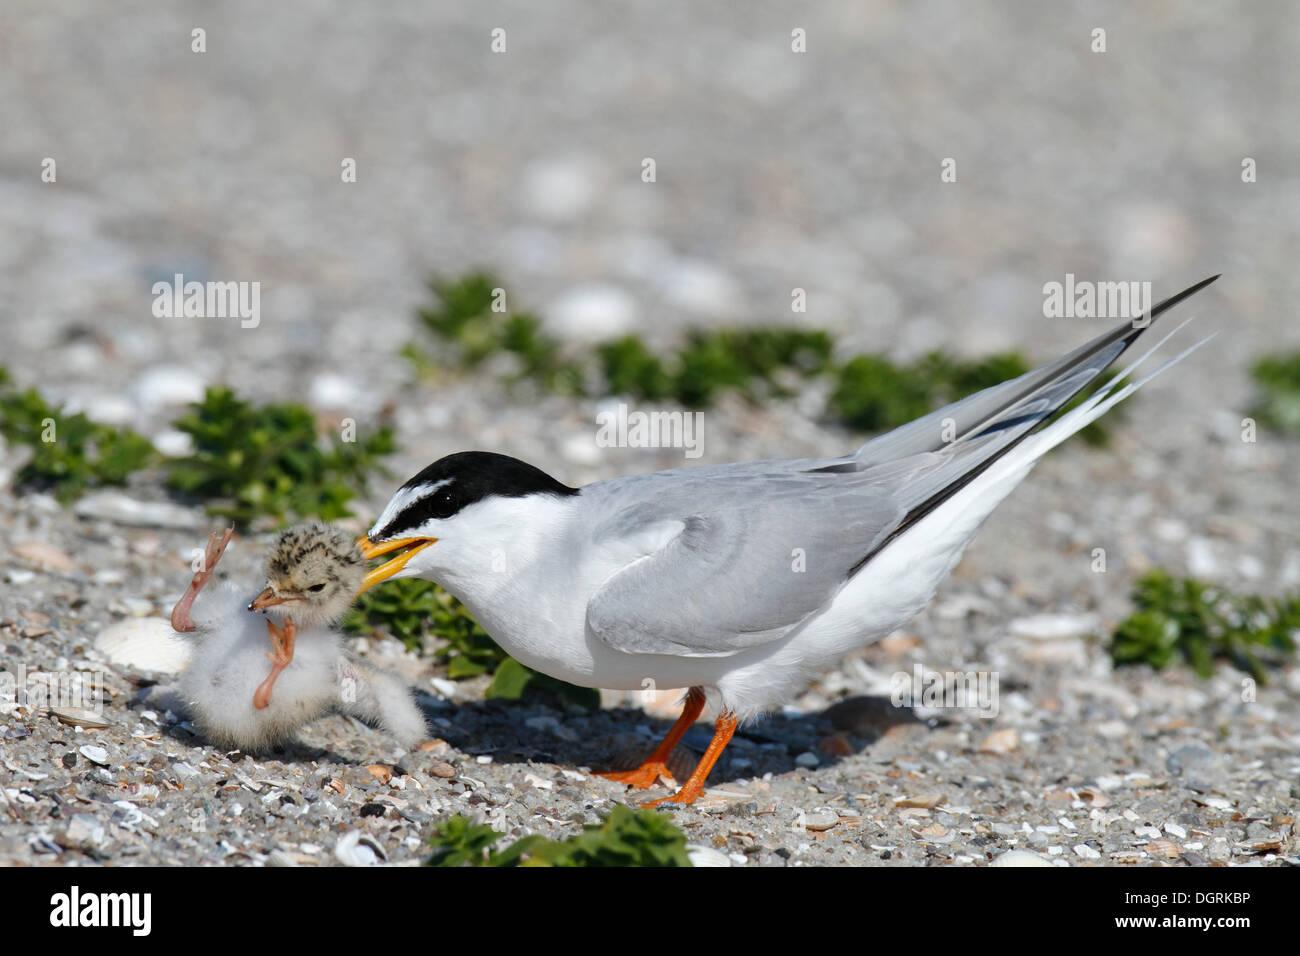 Sterne naine (Sternula albifrons), les espèces étrangères agression contre un interne chick, comportement typique des sternes, Minsener Oog, Banque D'Images